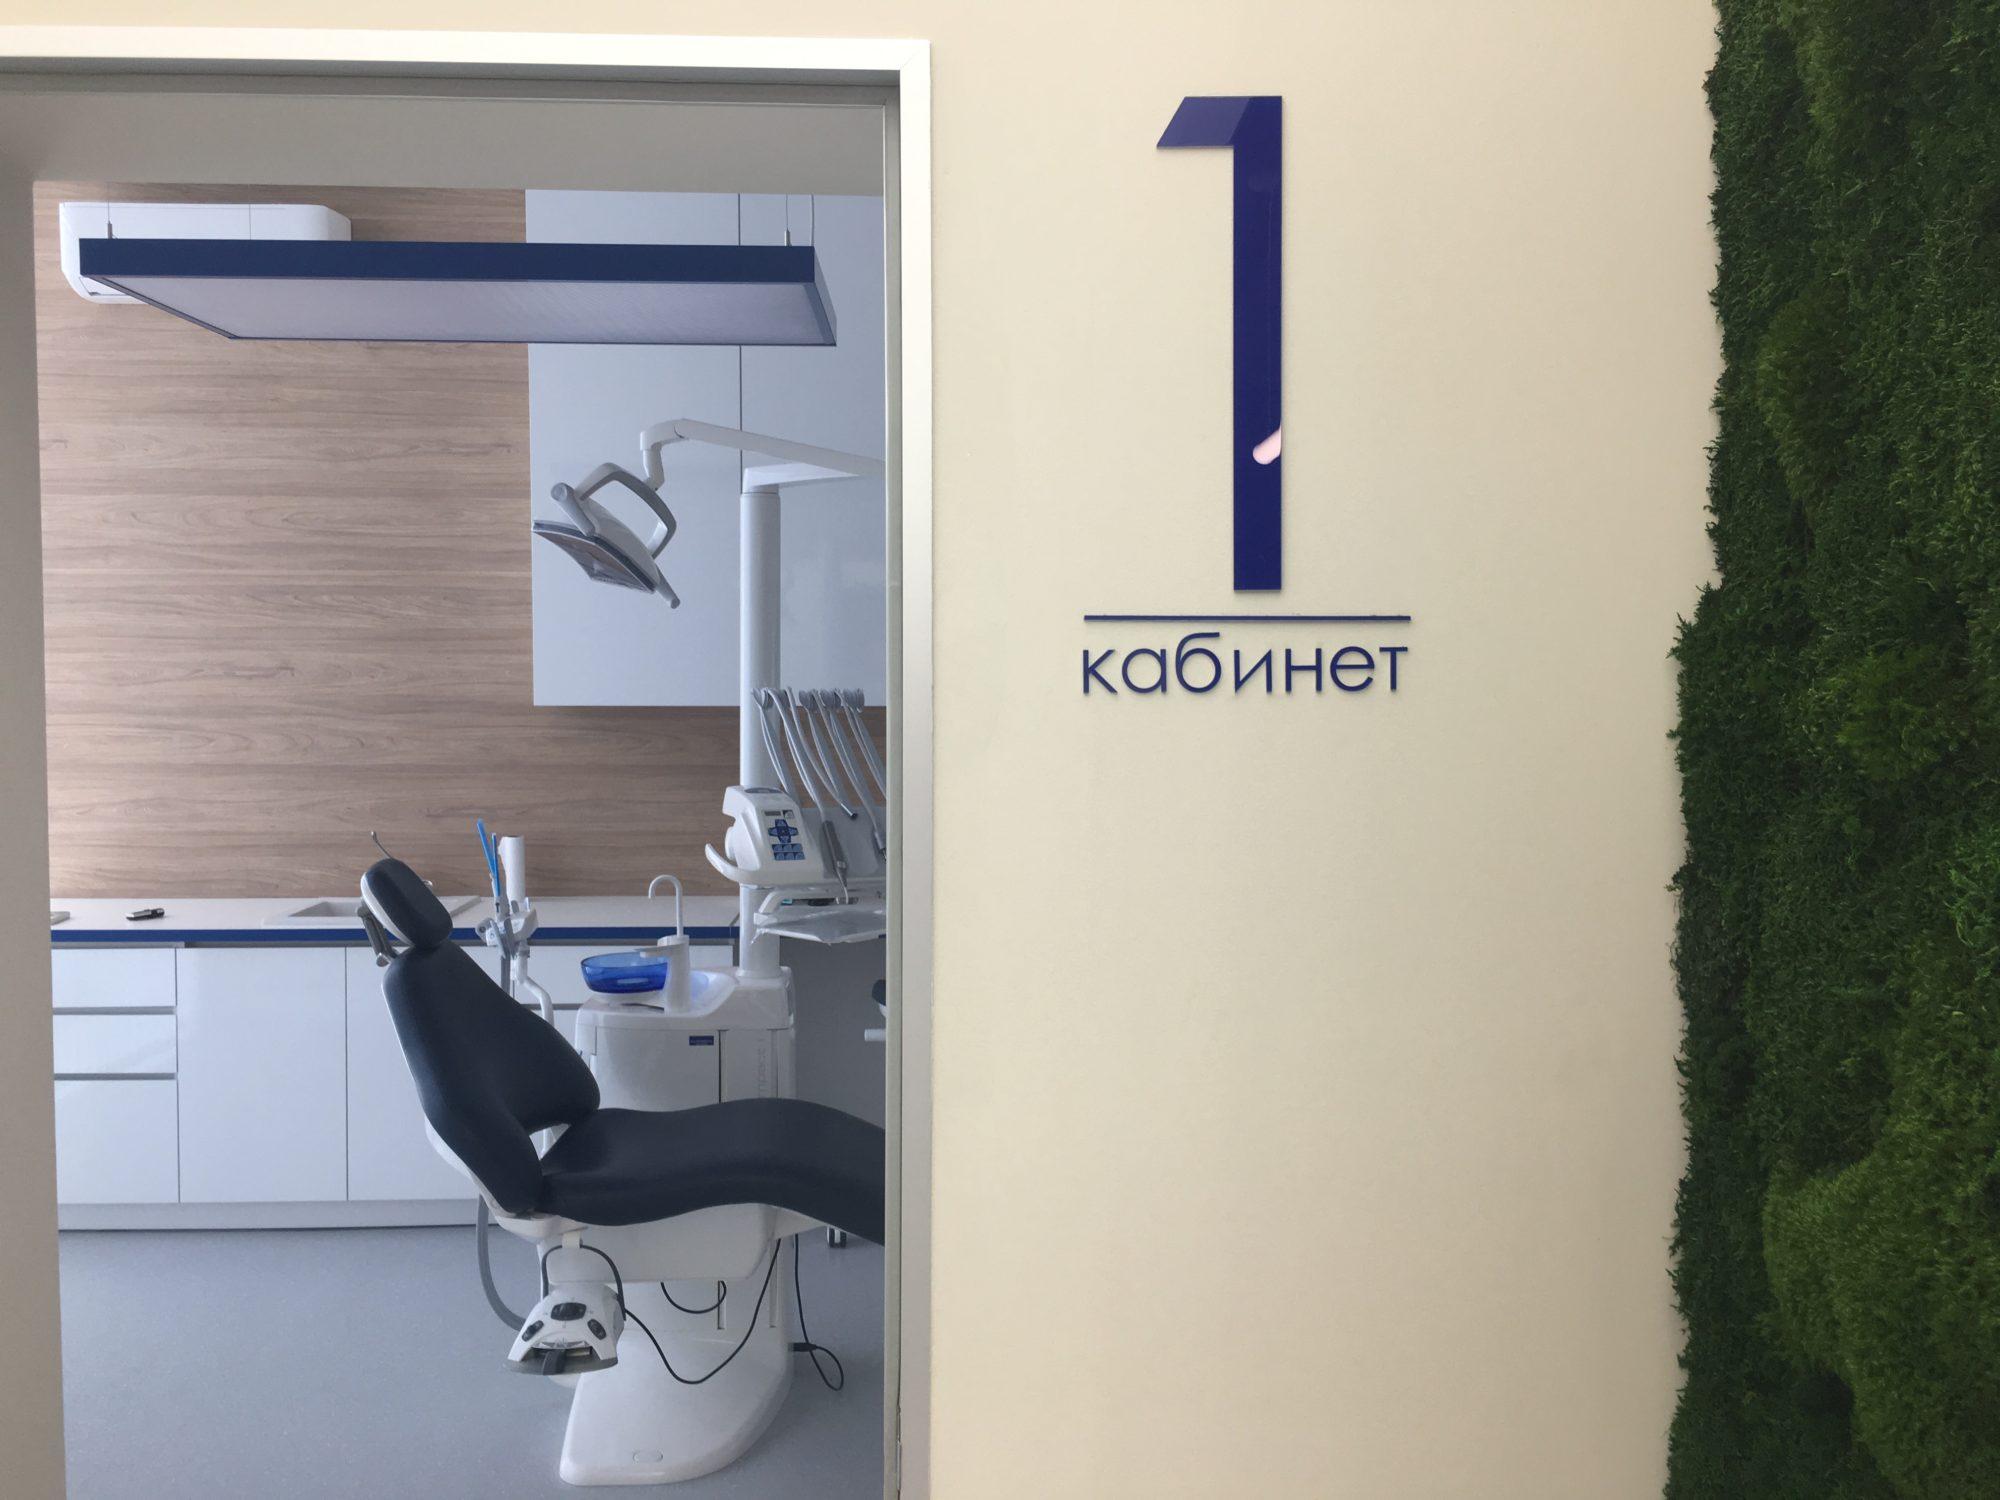 Реализация интерьера стоматологической клиники в Краснодаре